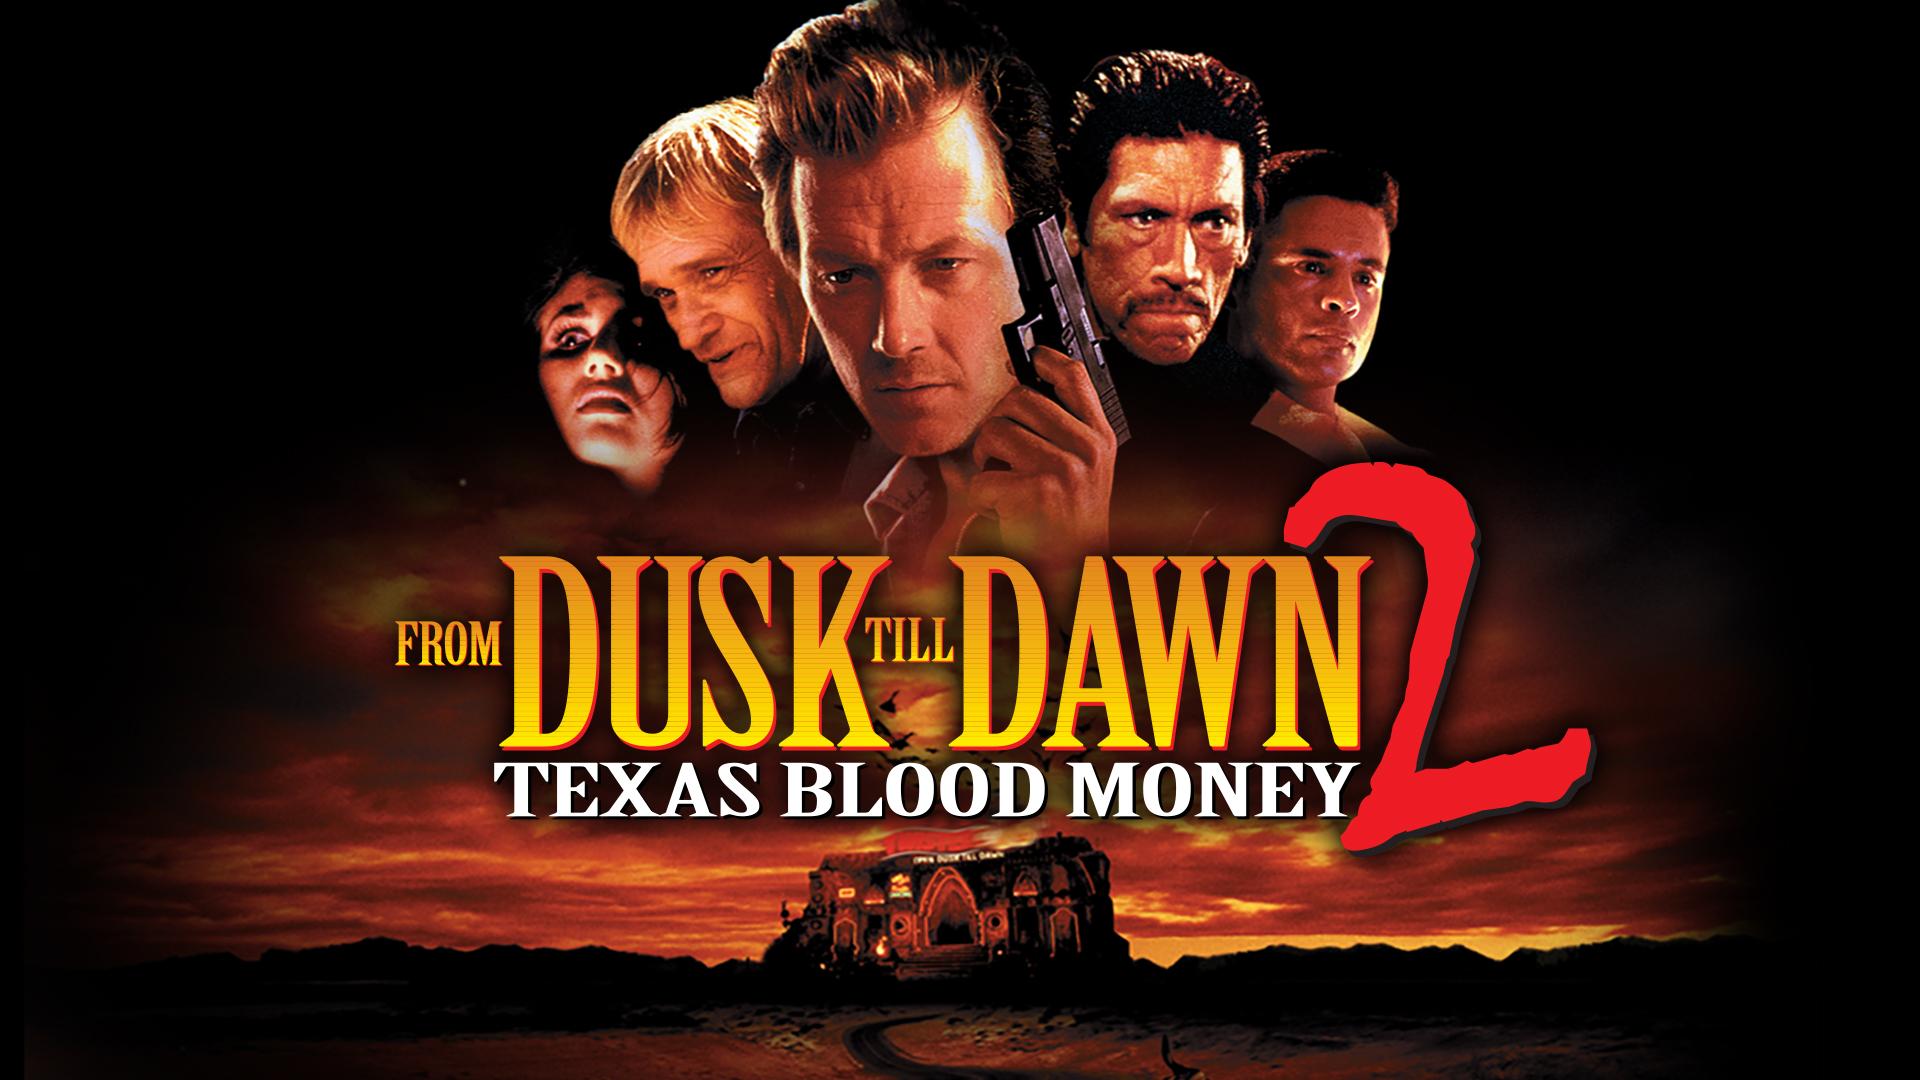 From Dusk Till Dawn 2 - Official Trailer (HD)